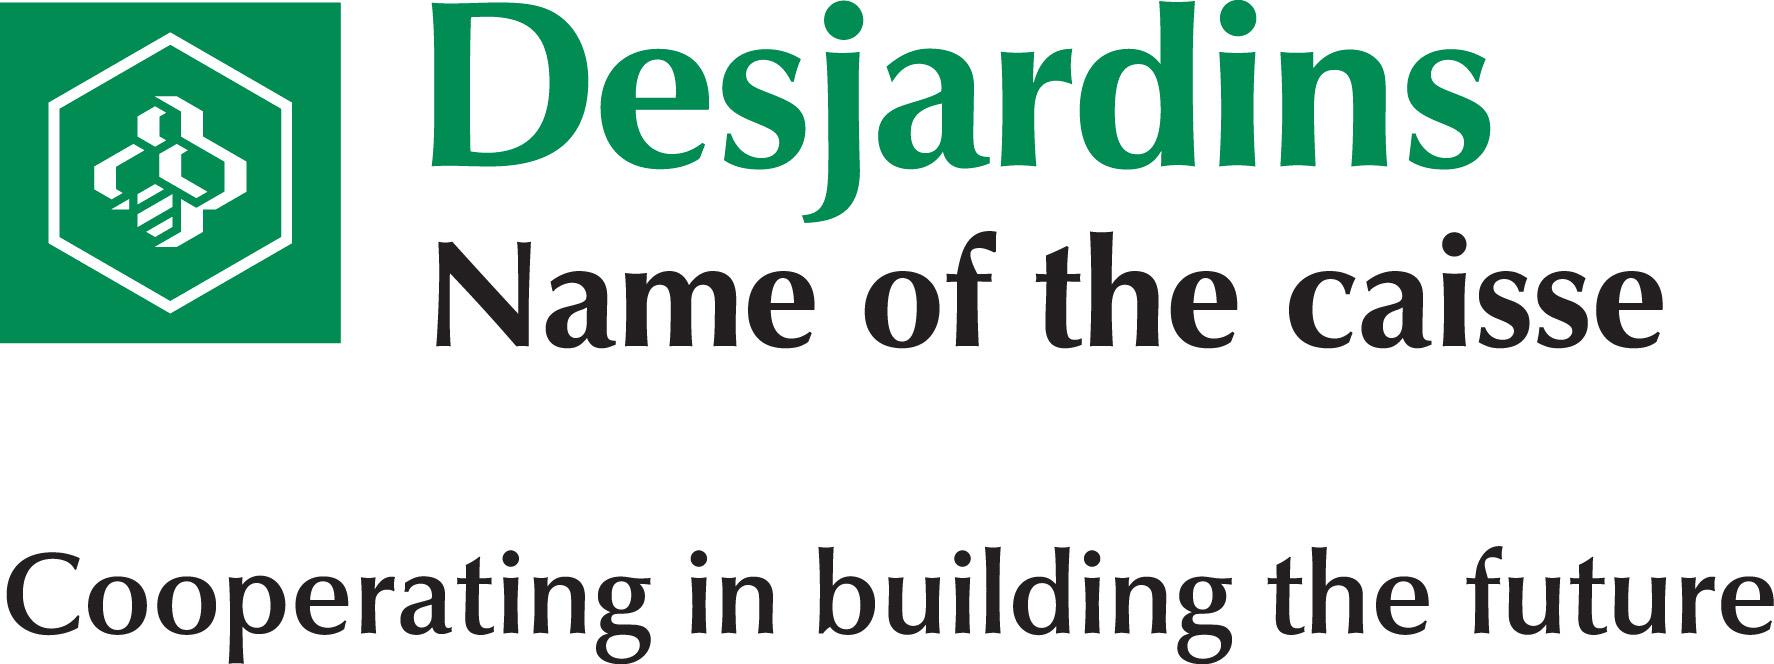 logo CAISSE coop 4c jpg